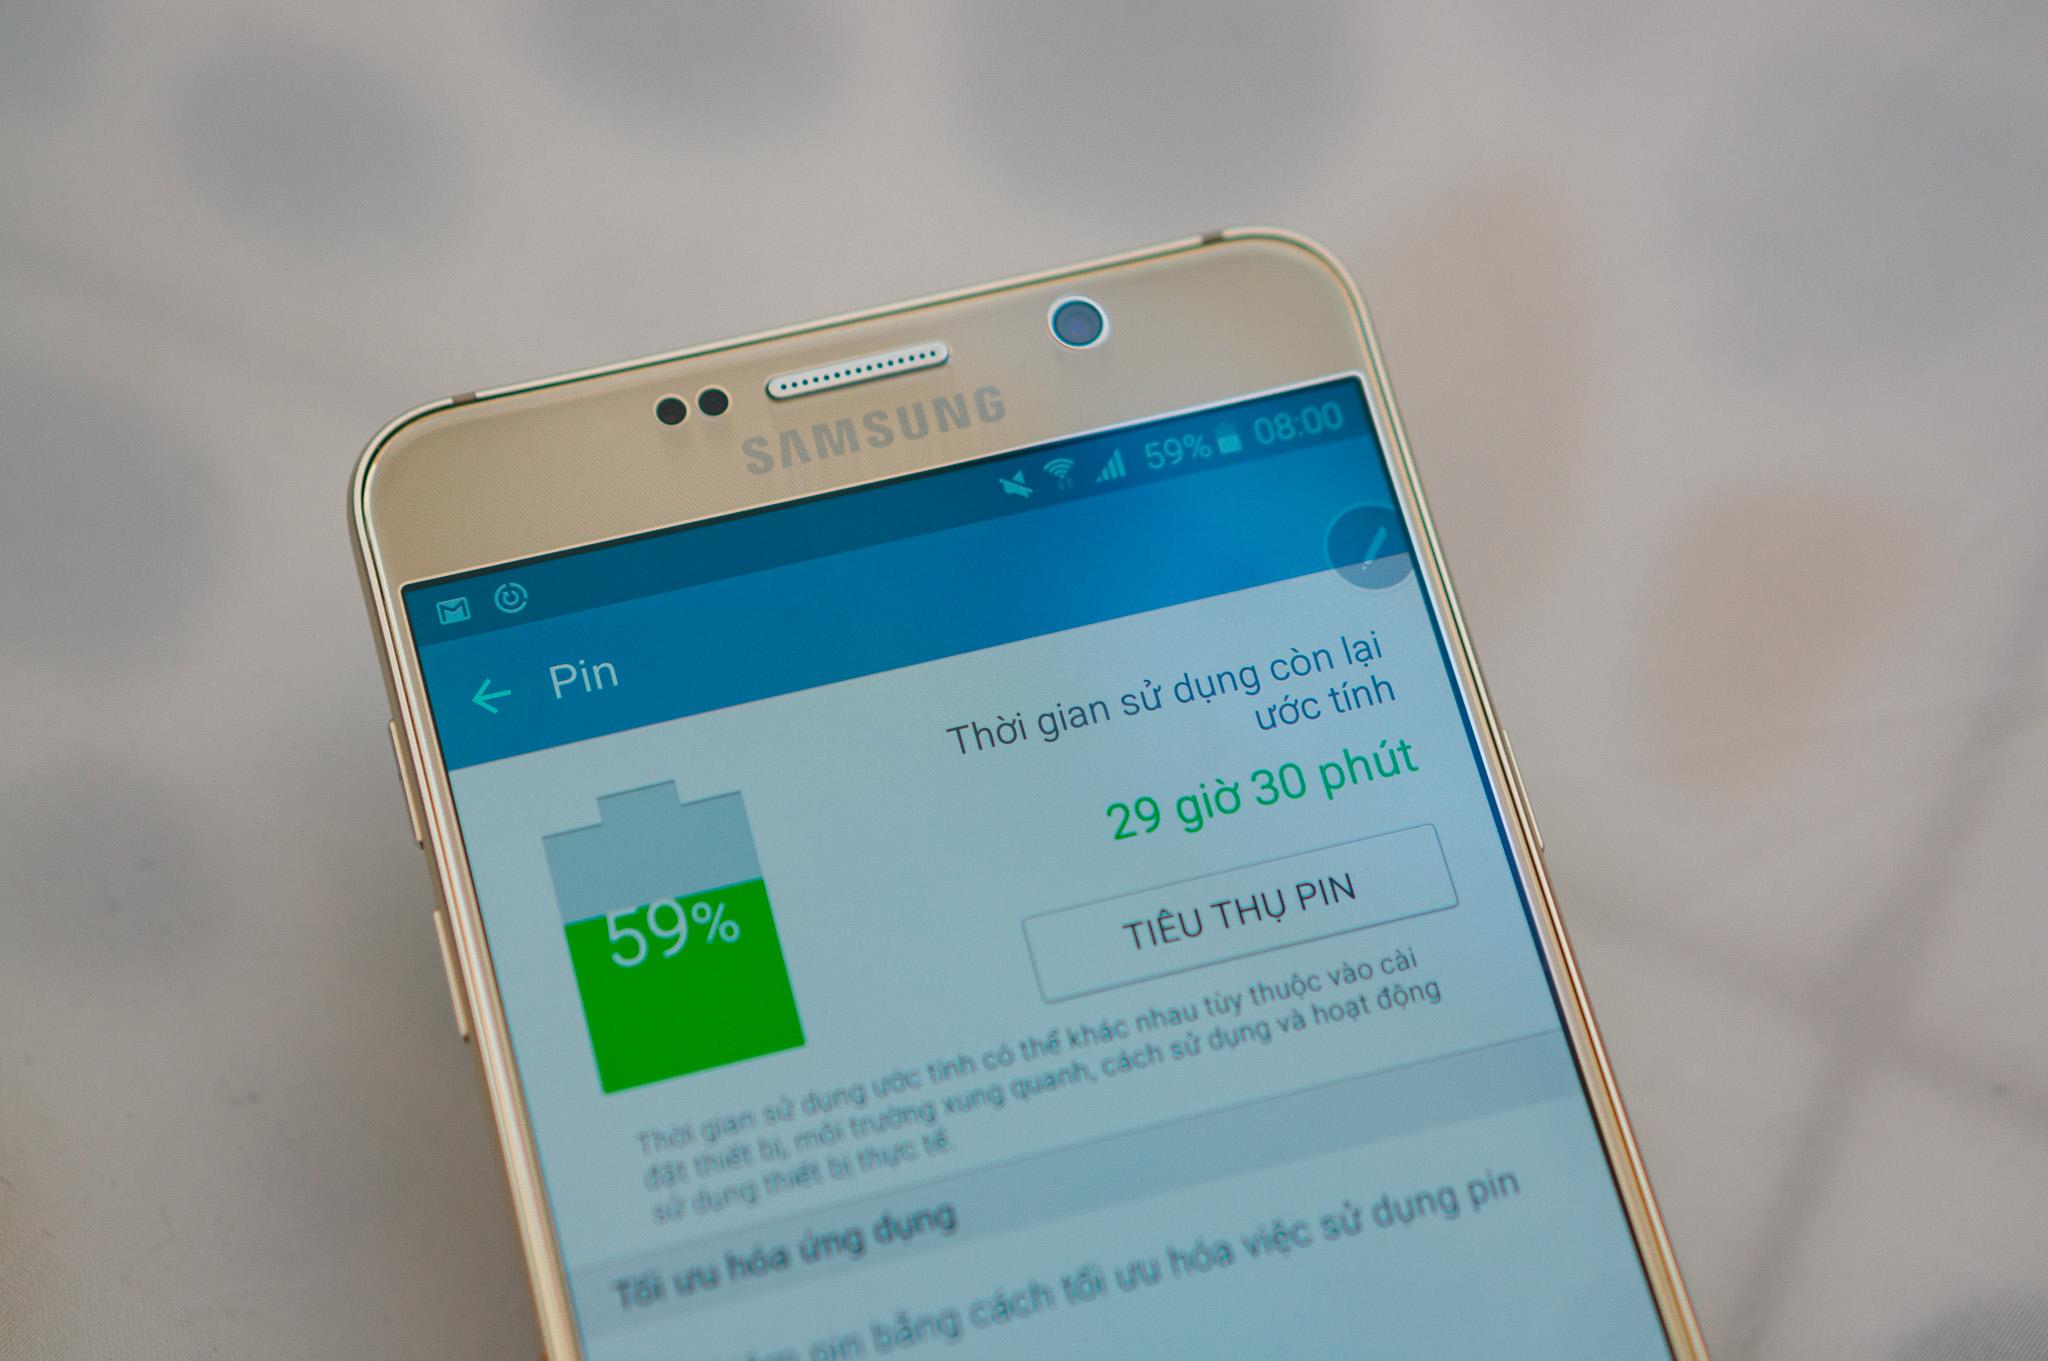 Samsung Galaxy Note 5 thời lượng pin ấn tượng